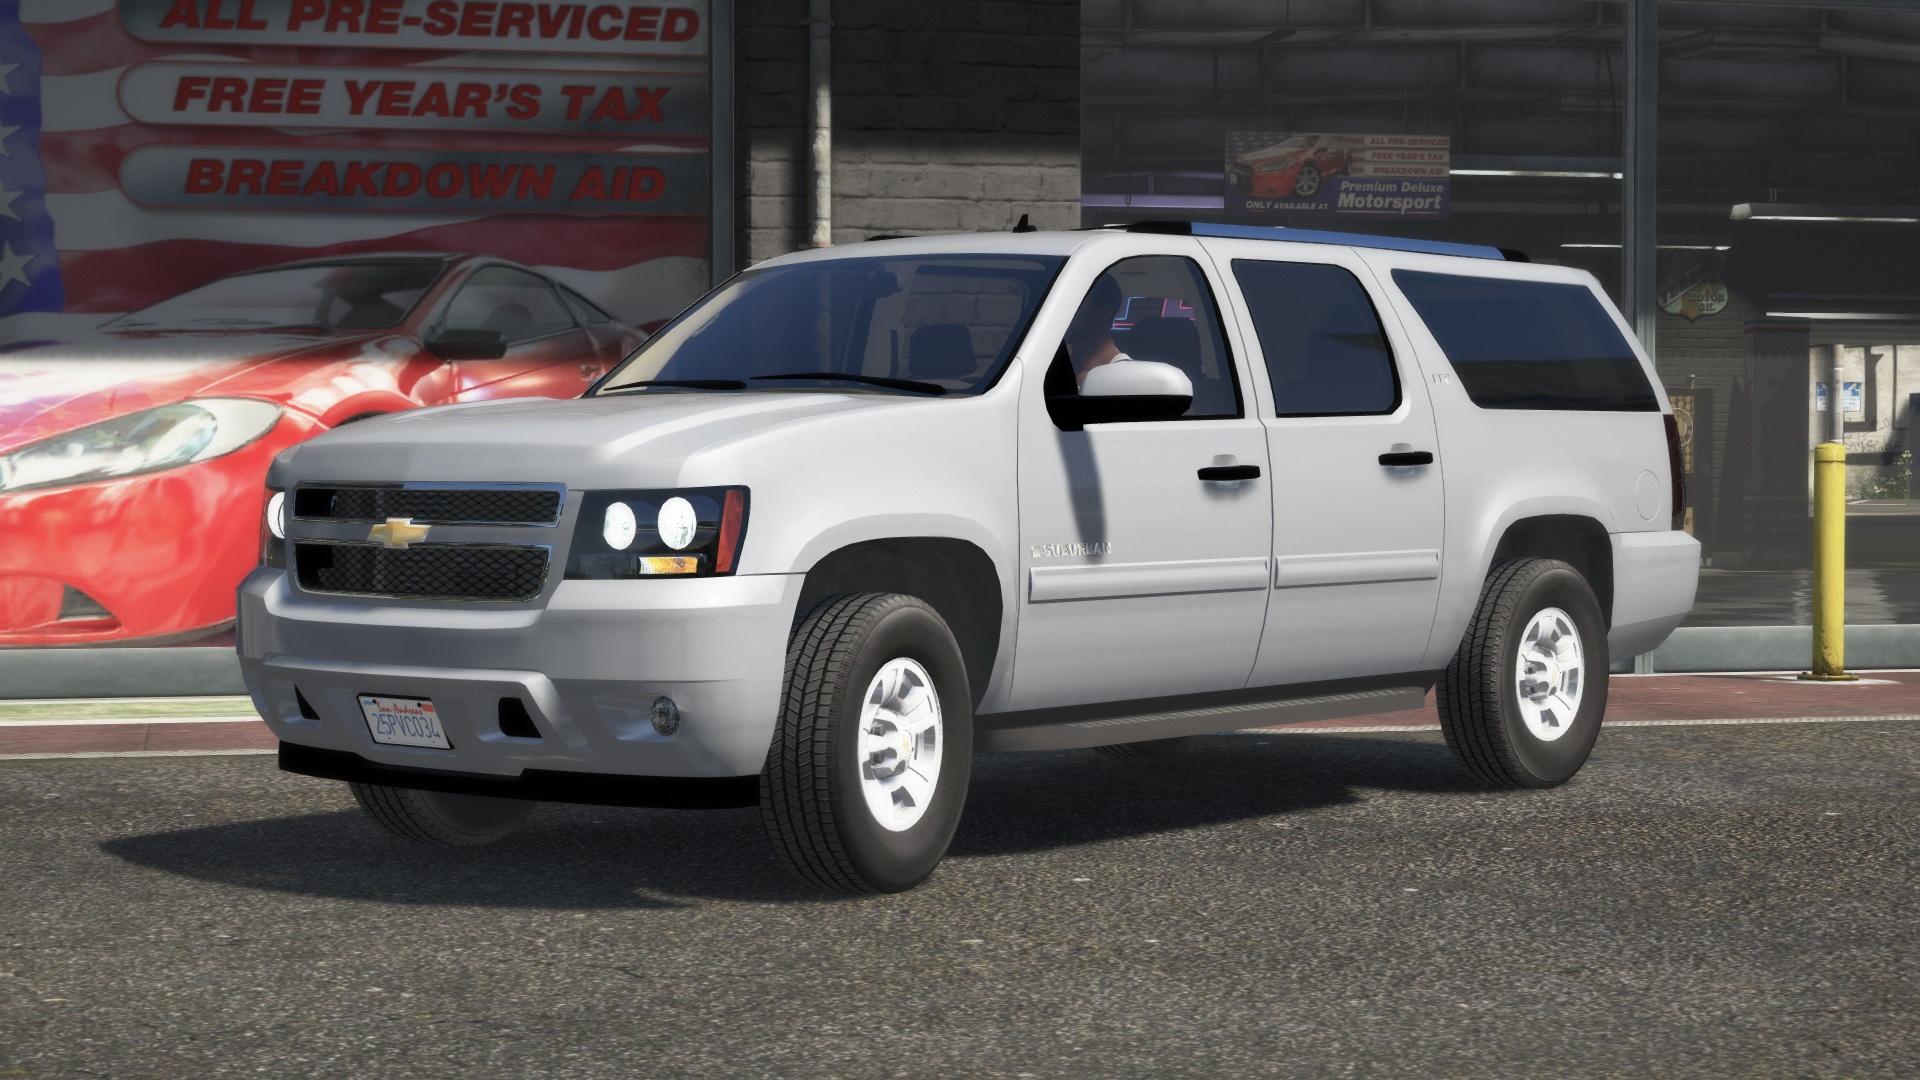 2008 Chevrolet Suburban Civilian SUV [Replace] 1.0